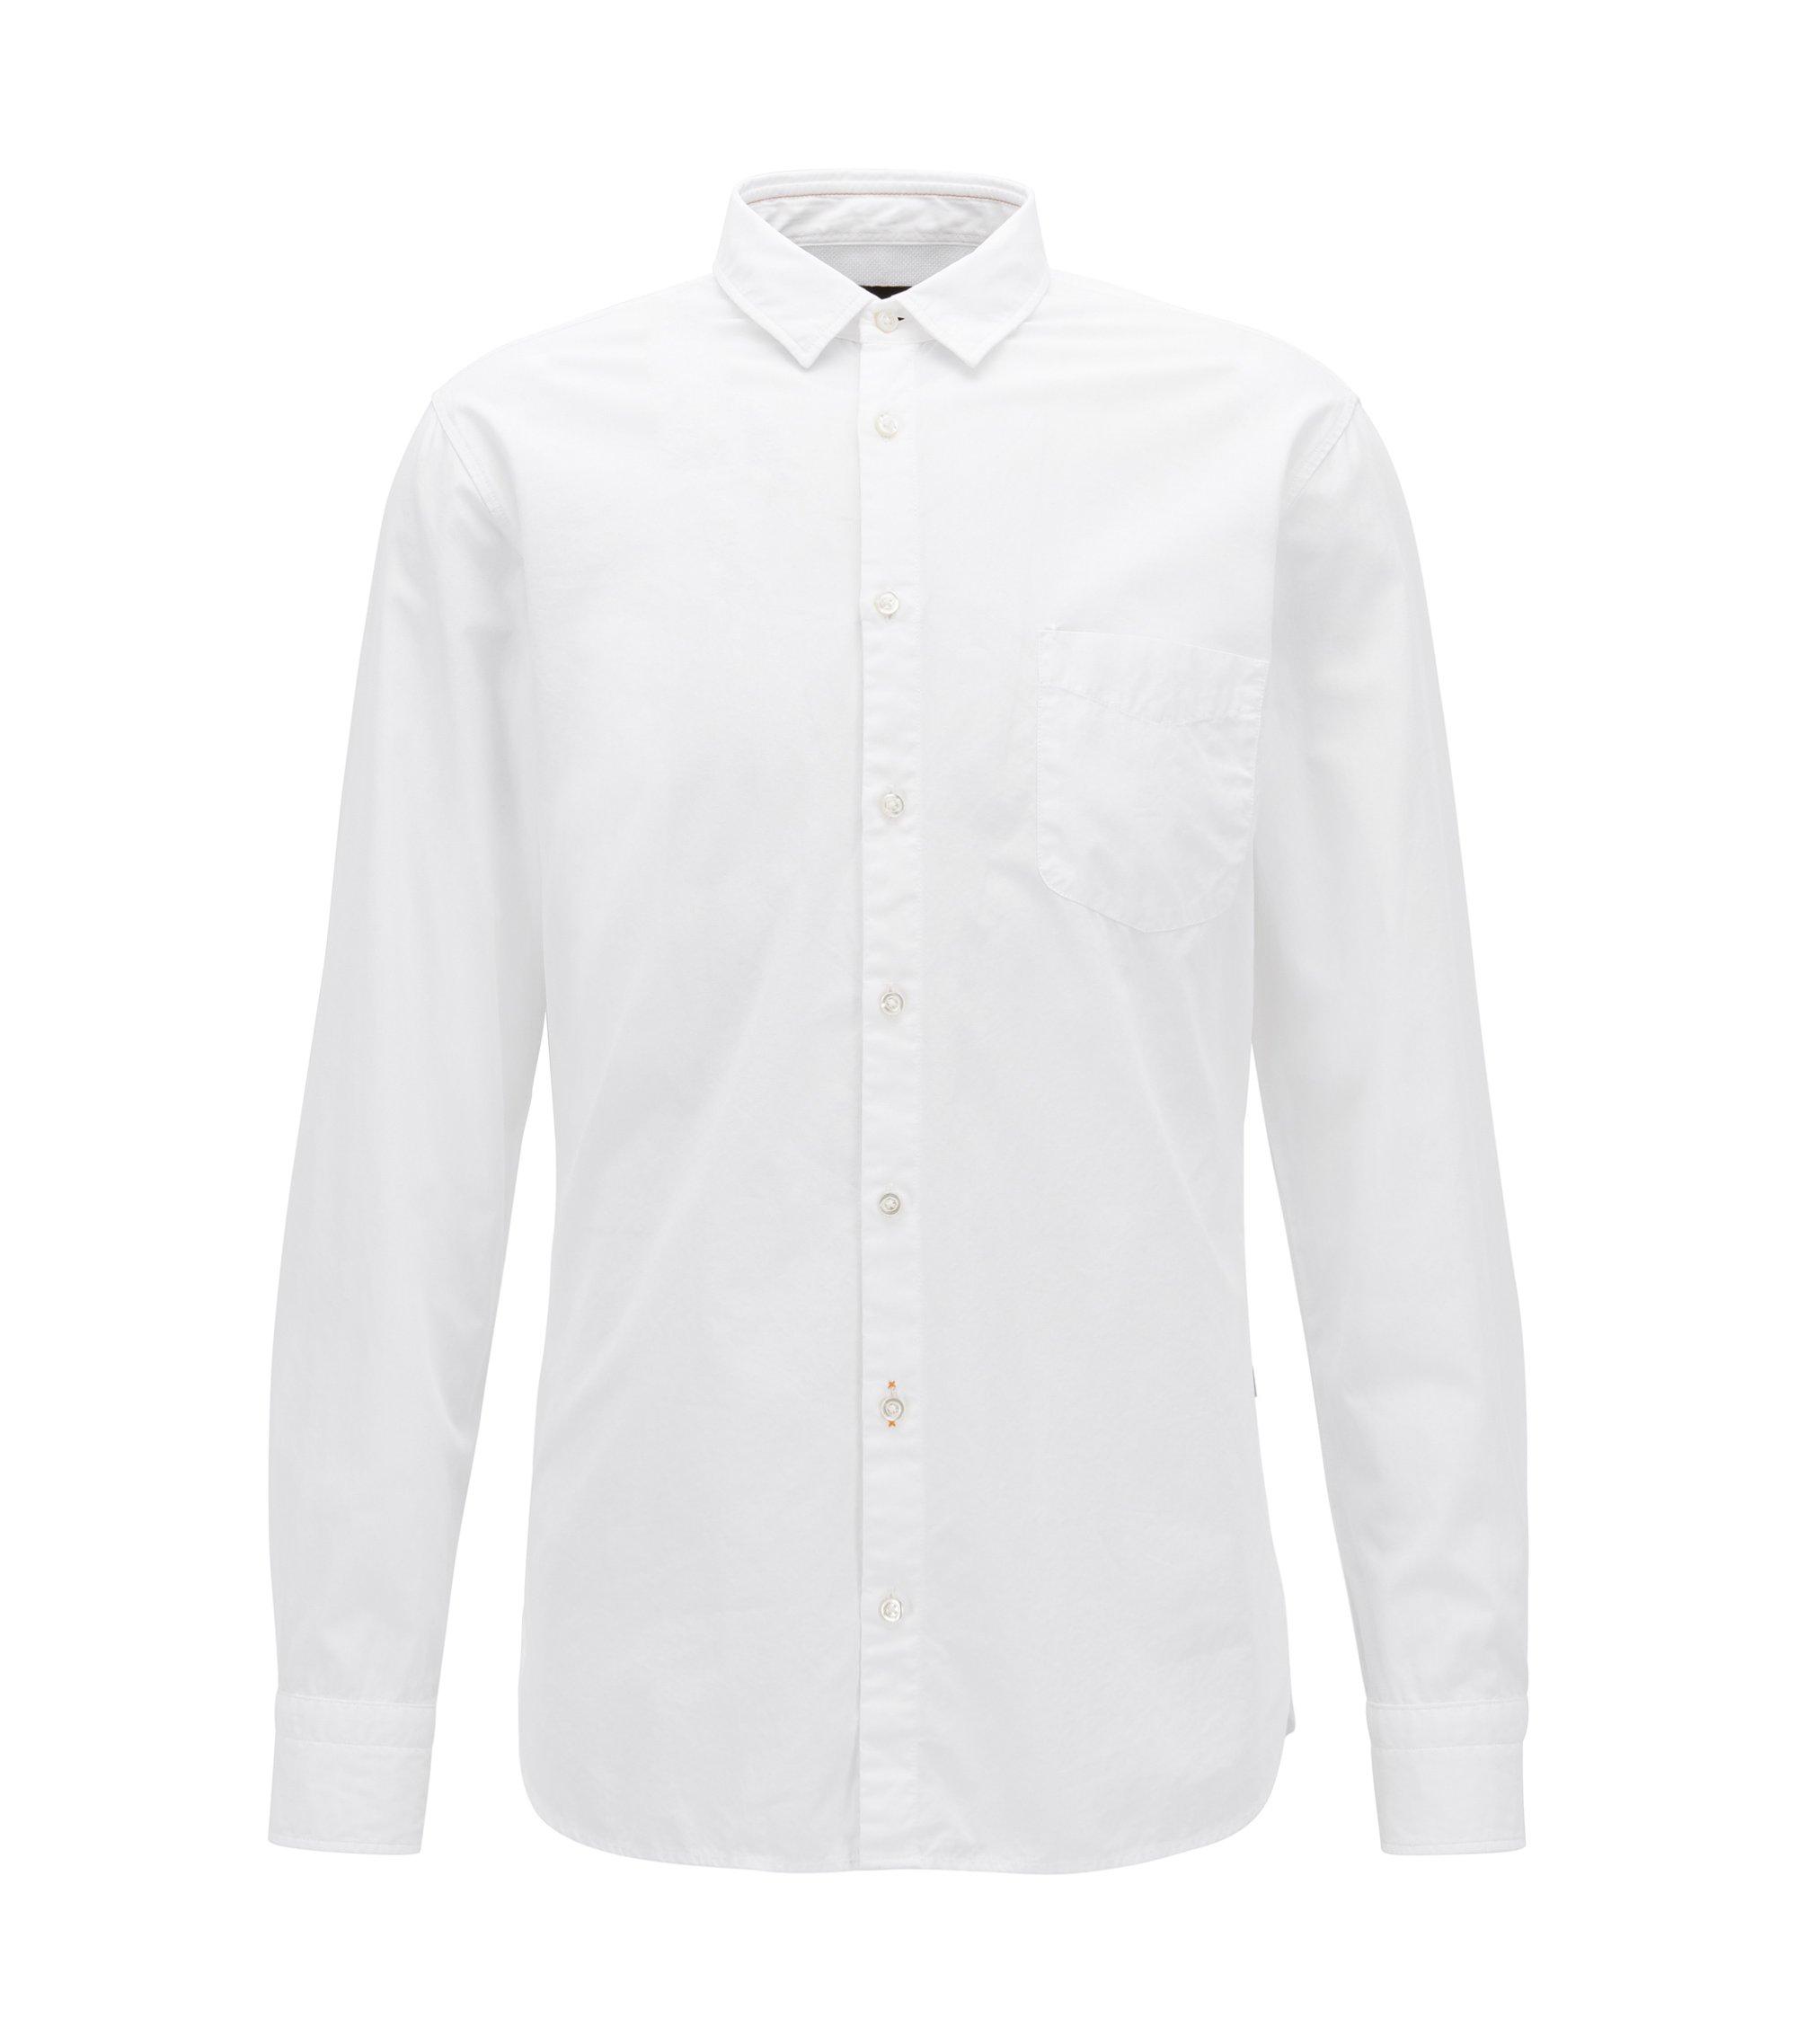 Slim-Fit Hemd aus strukturierter Baumwoll-Popeline, Weiß